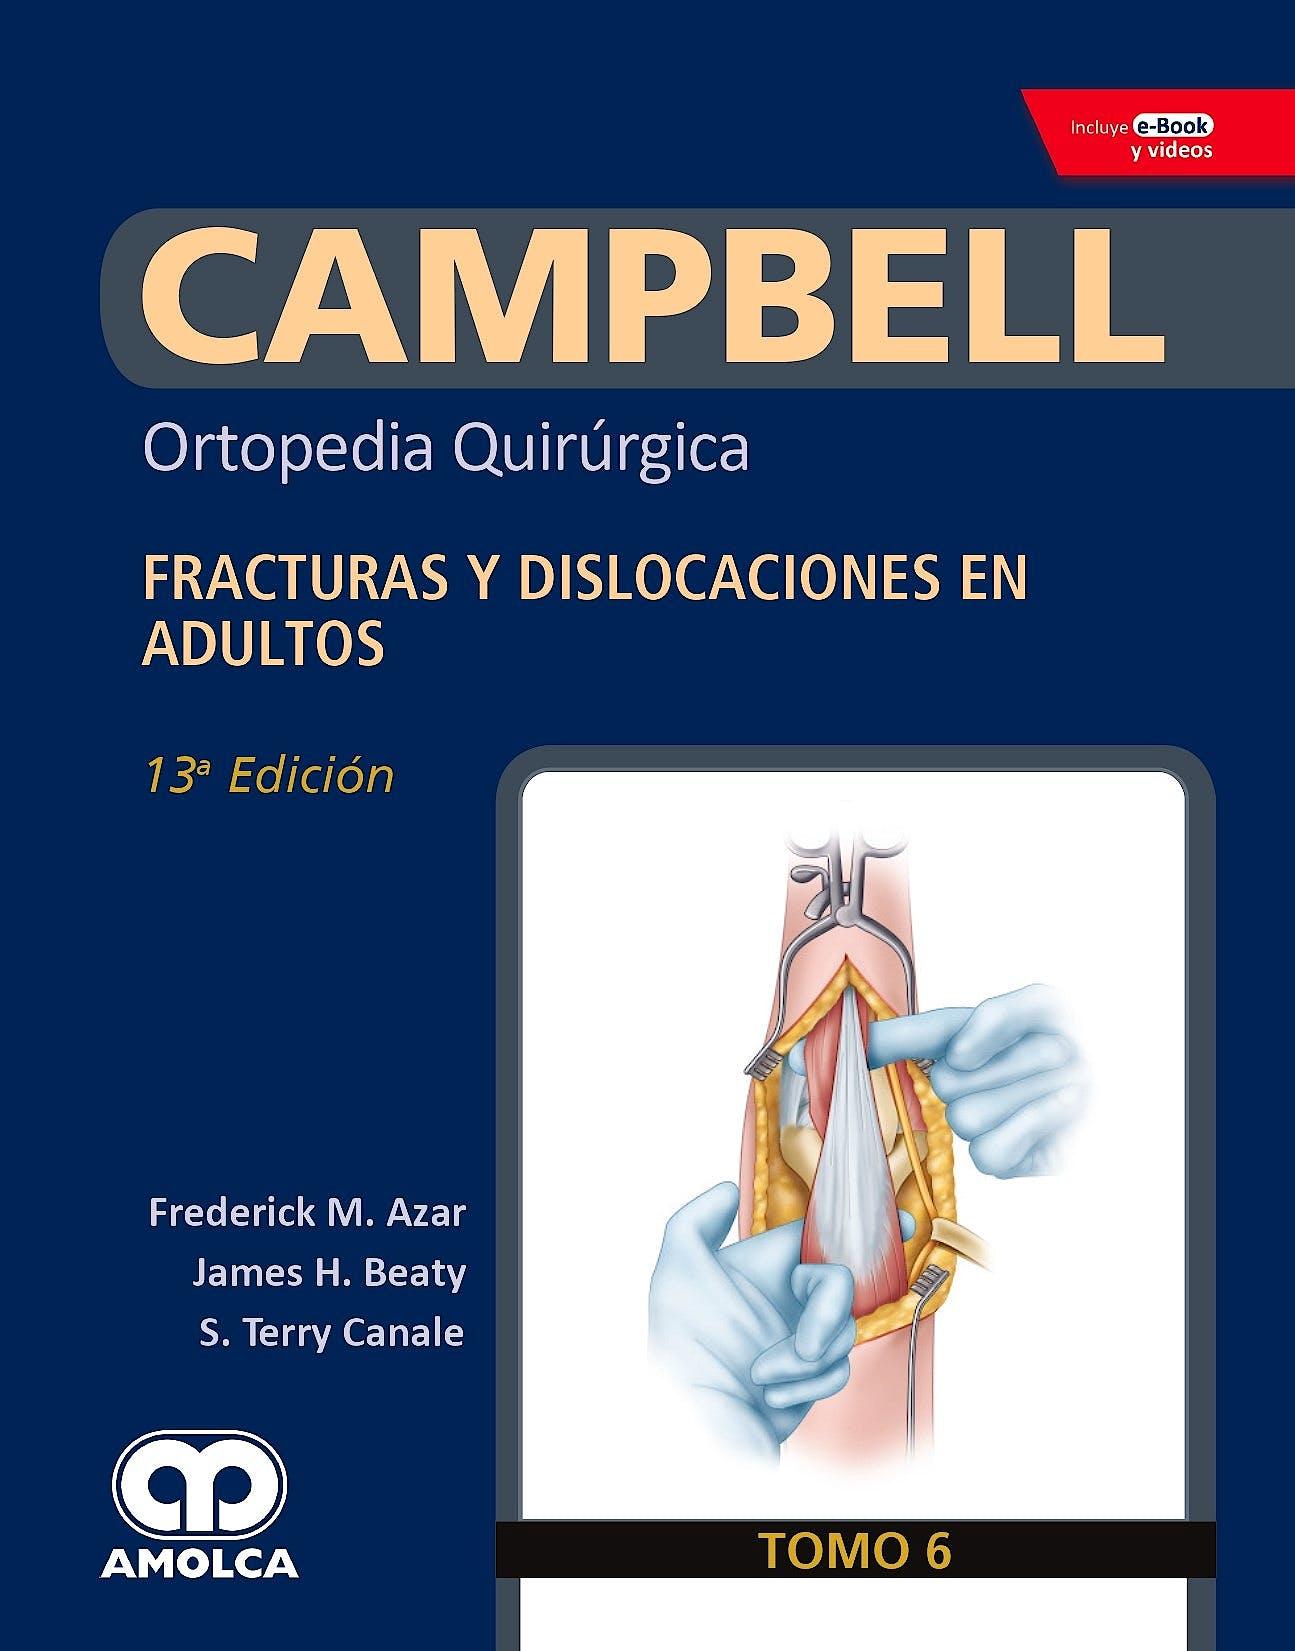 Portada del libro 9789804300608 CAMPBELL Ortopedia Quirúrgica, Tomo 6: Fracturas y Dislocaciones en Adultos + E-Book y Videos